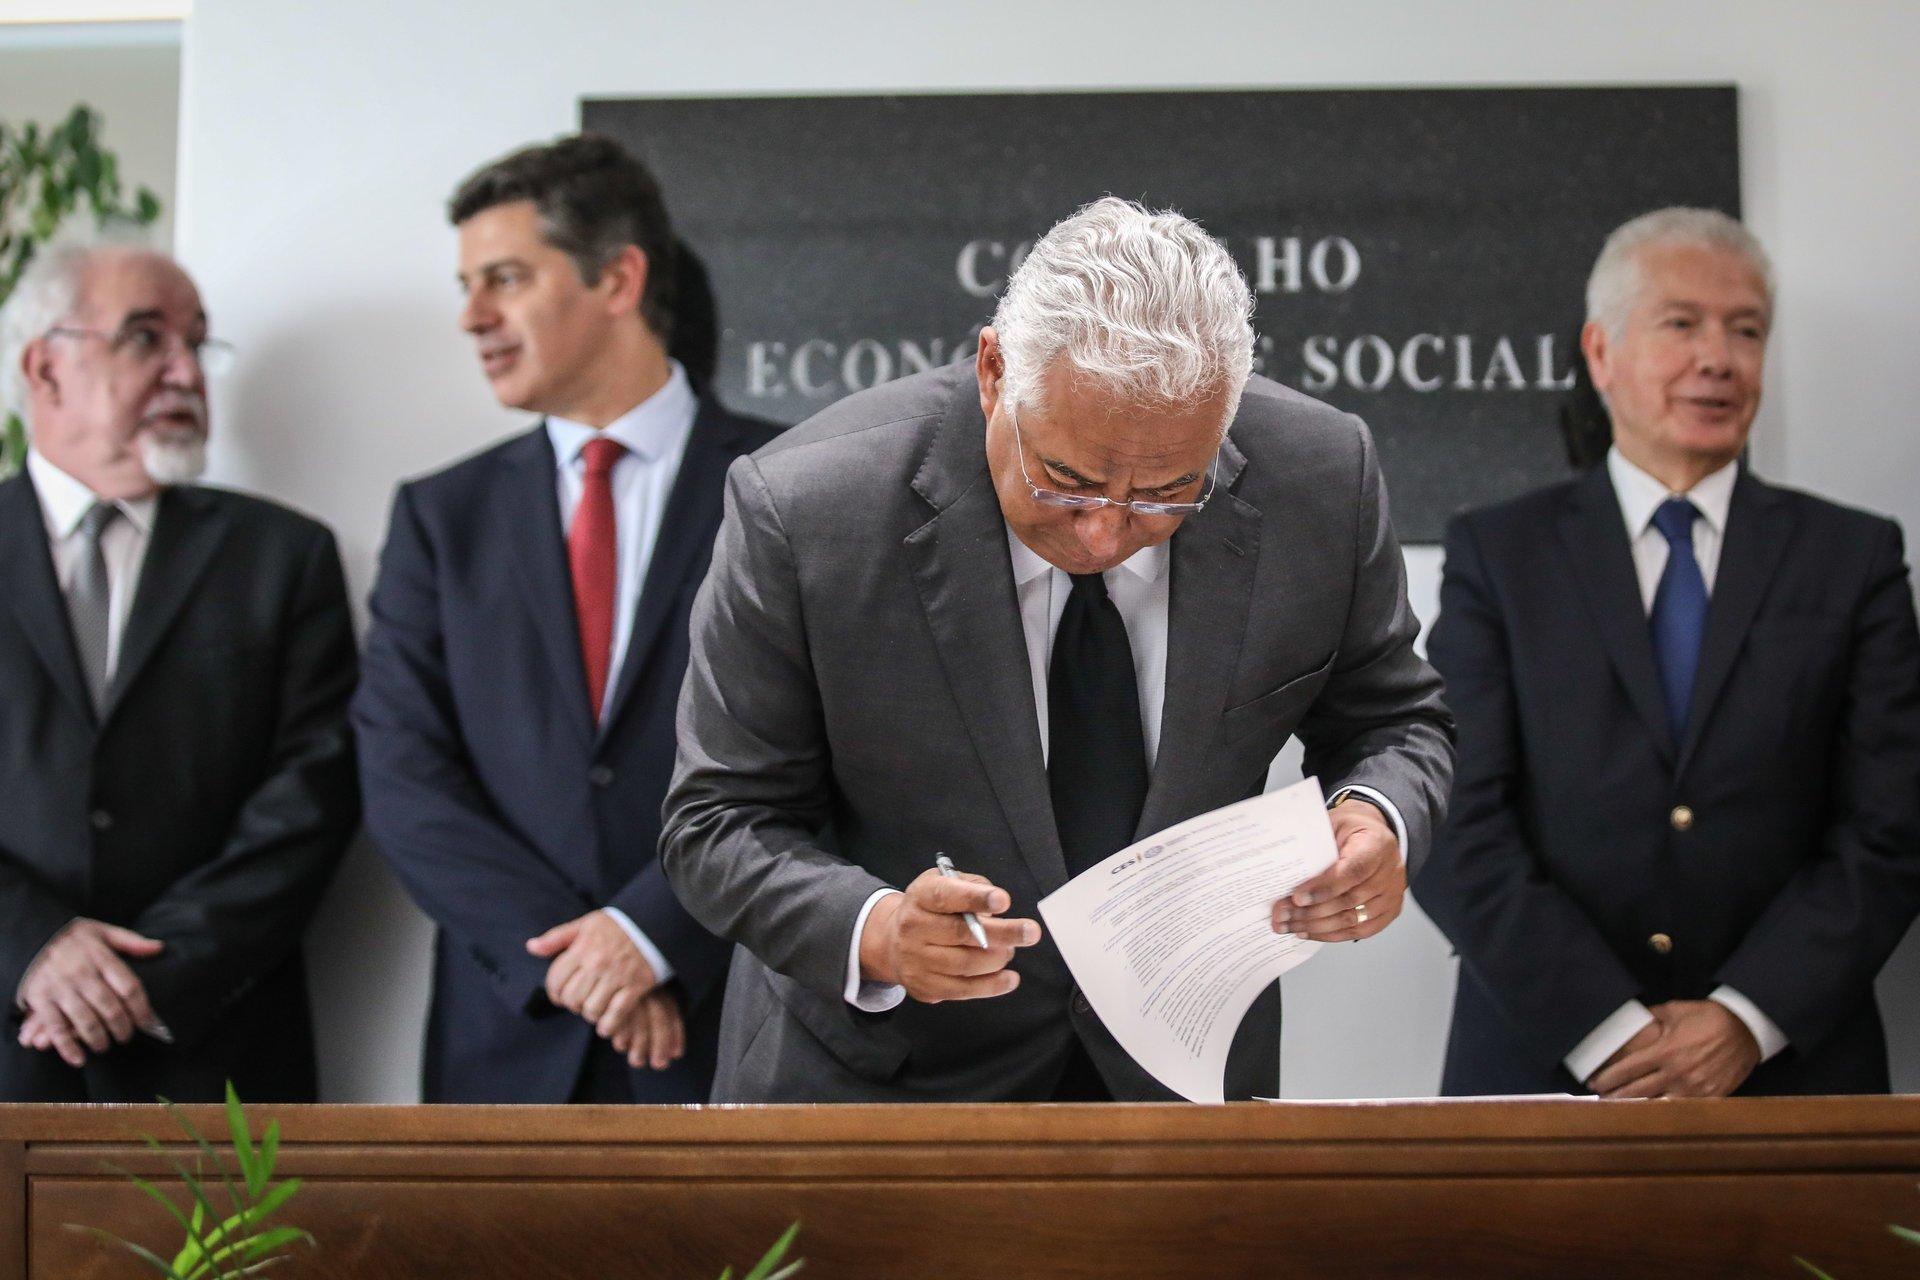 Concertacao_social